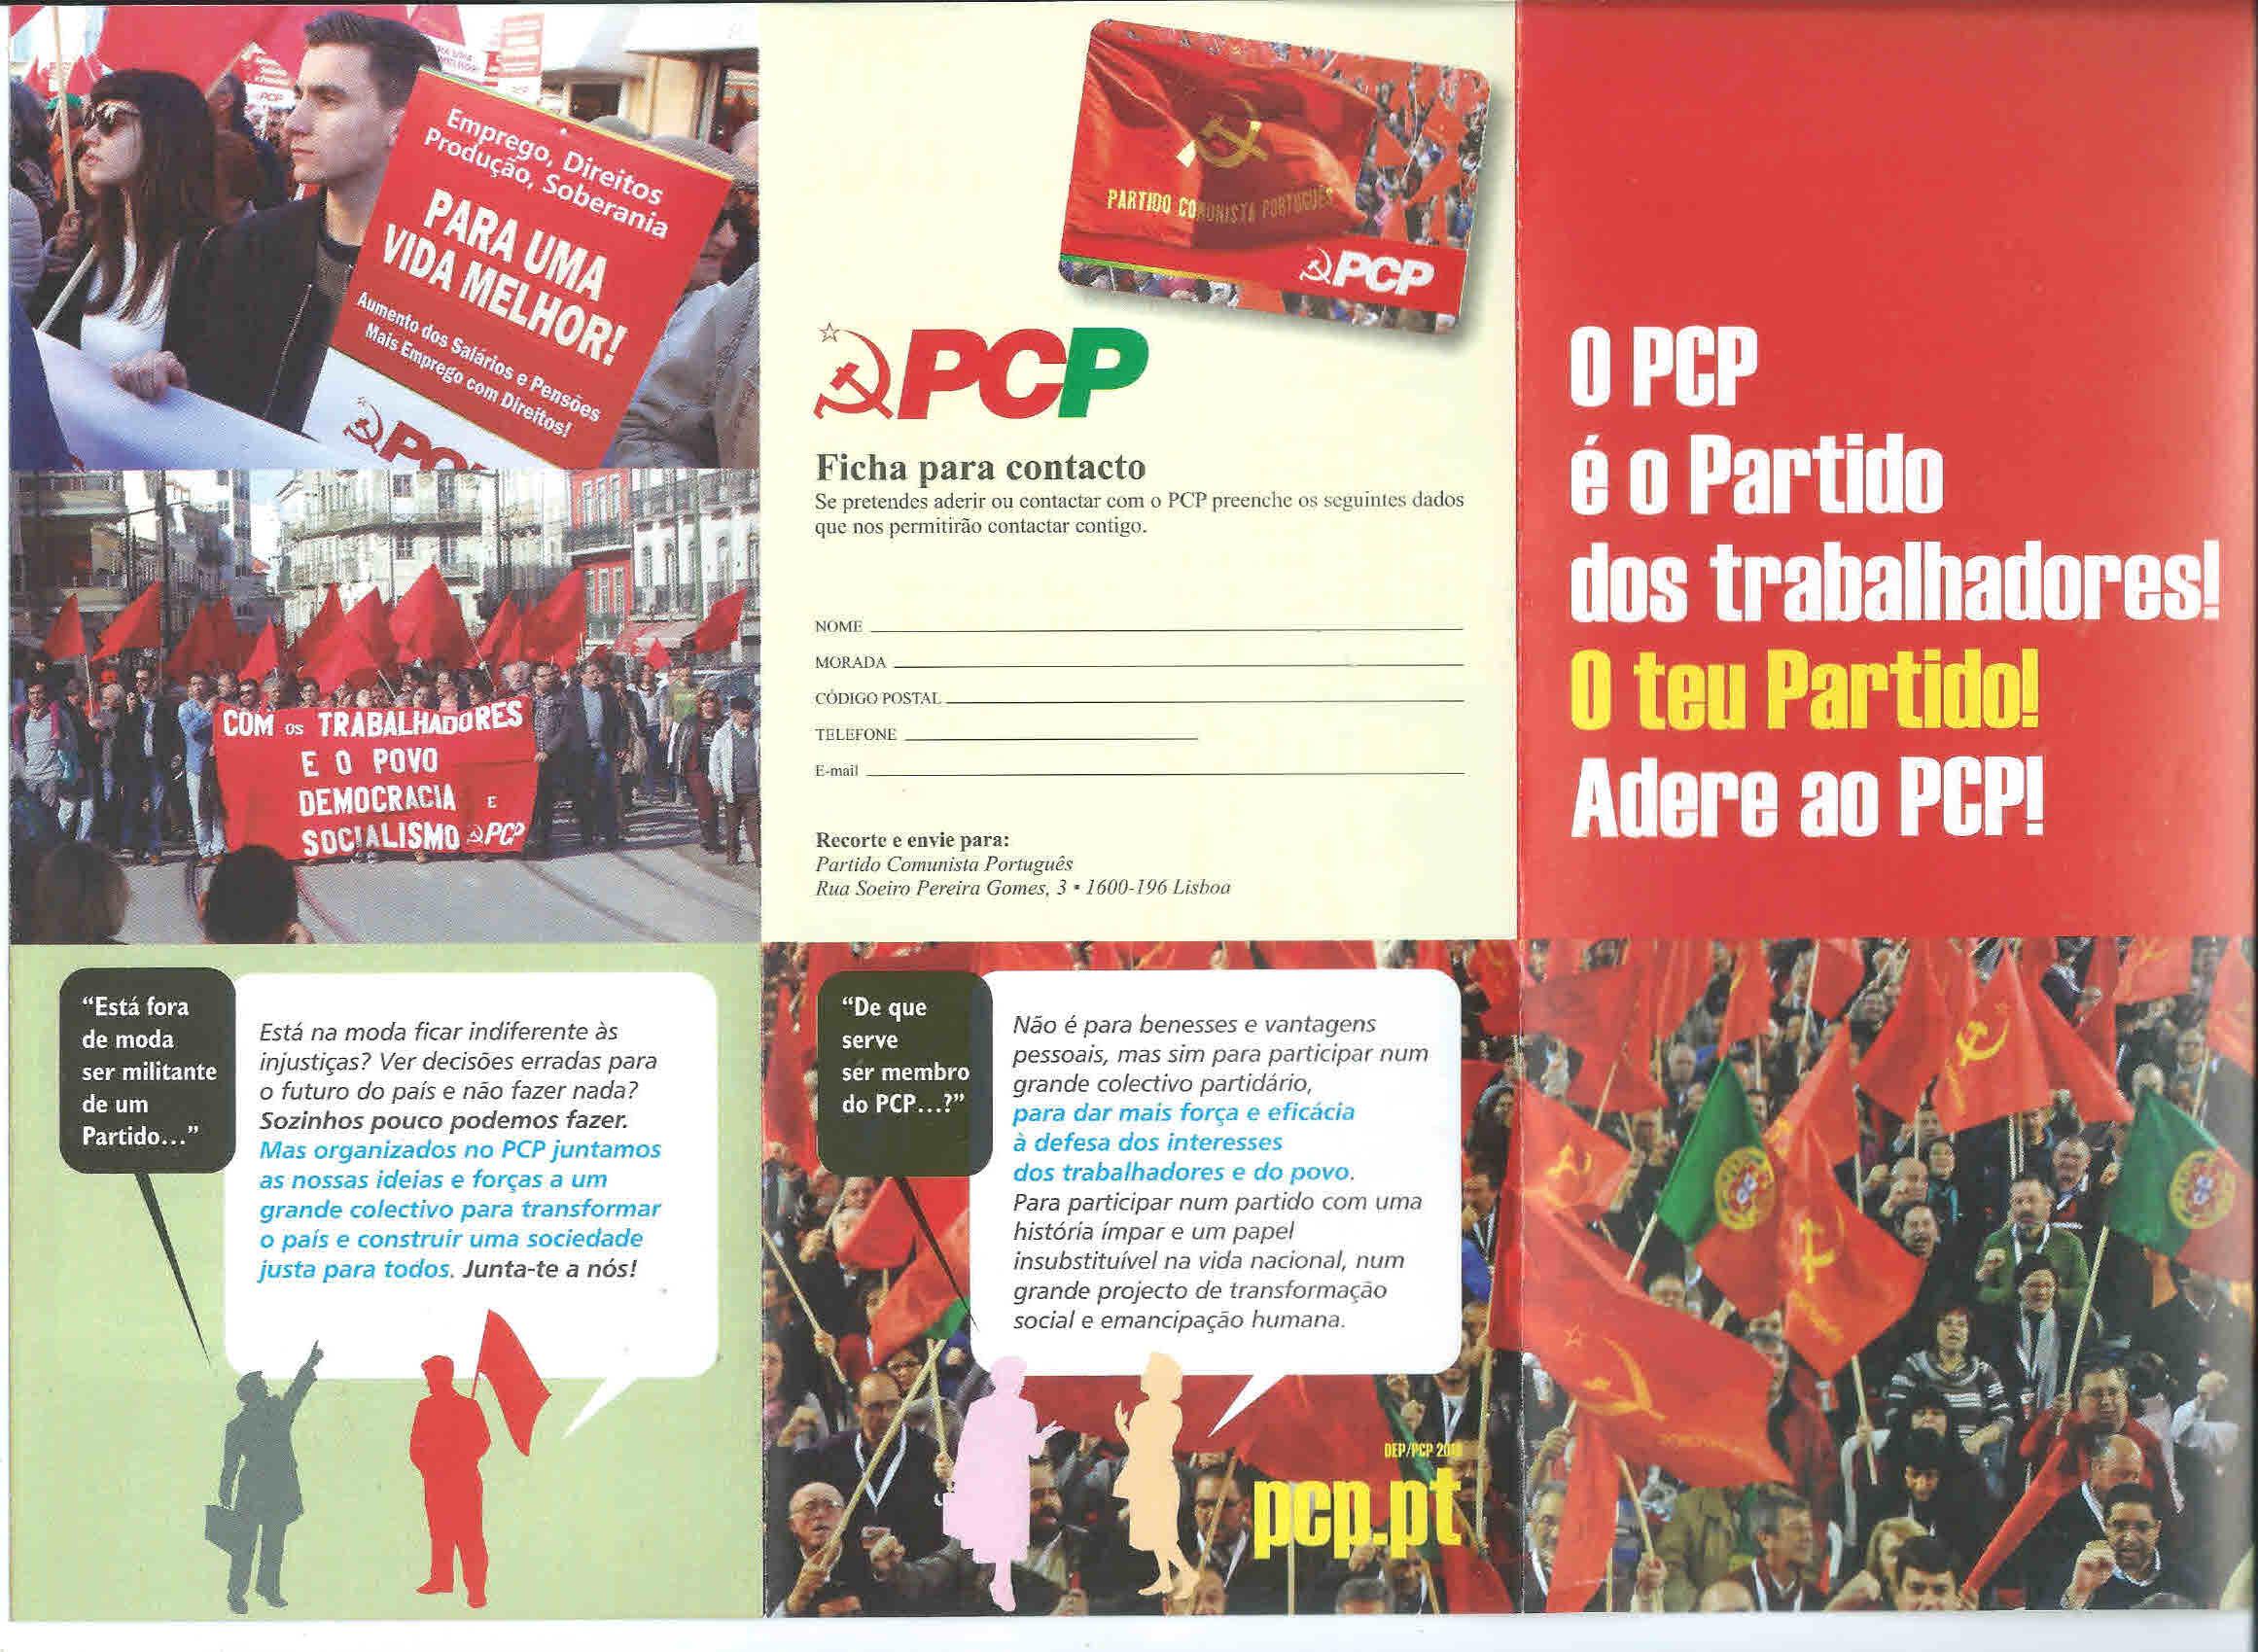 o pcp e o partido dos trabalhadores adere ao pcp 2016